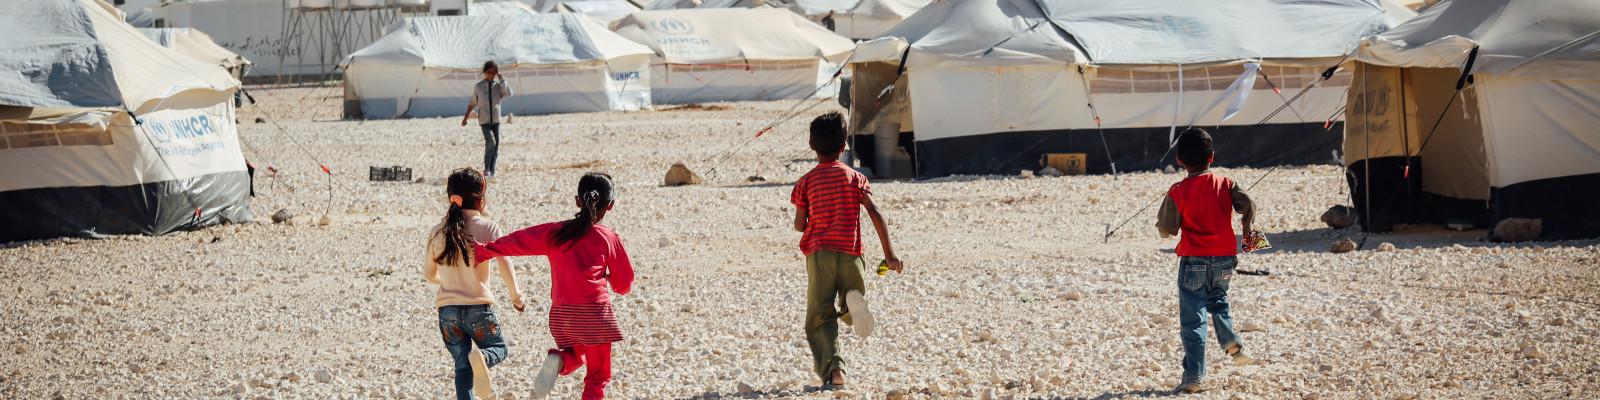 Kids in refugee camp